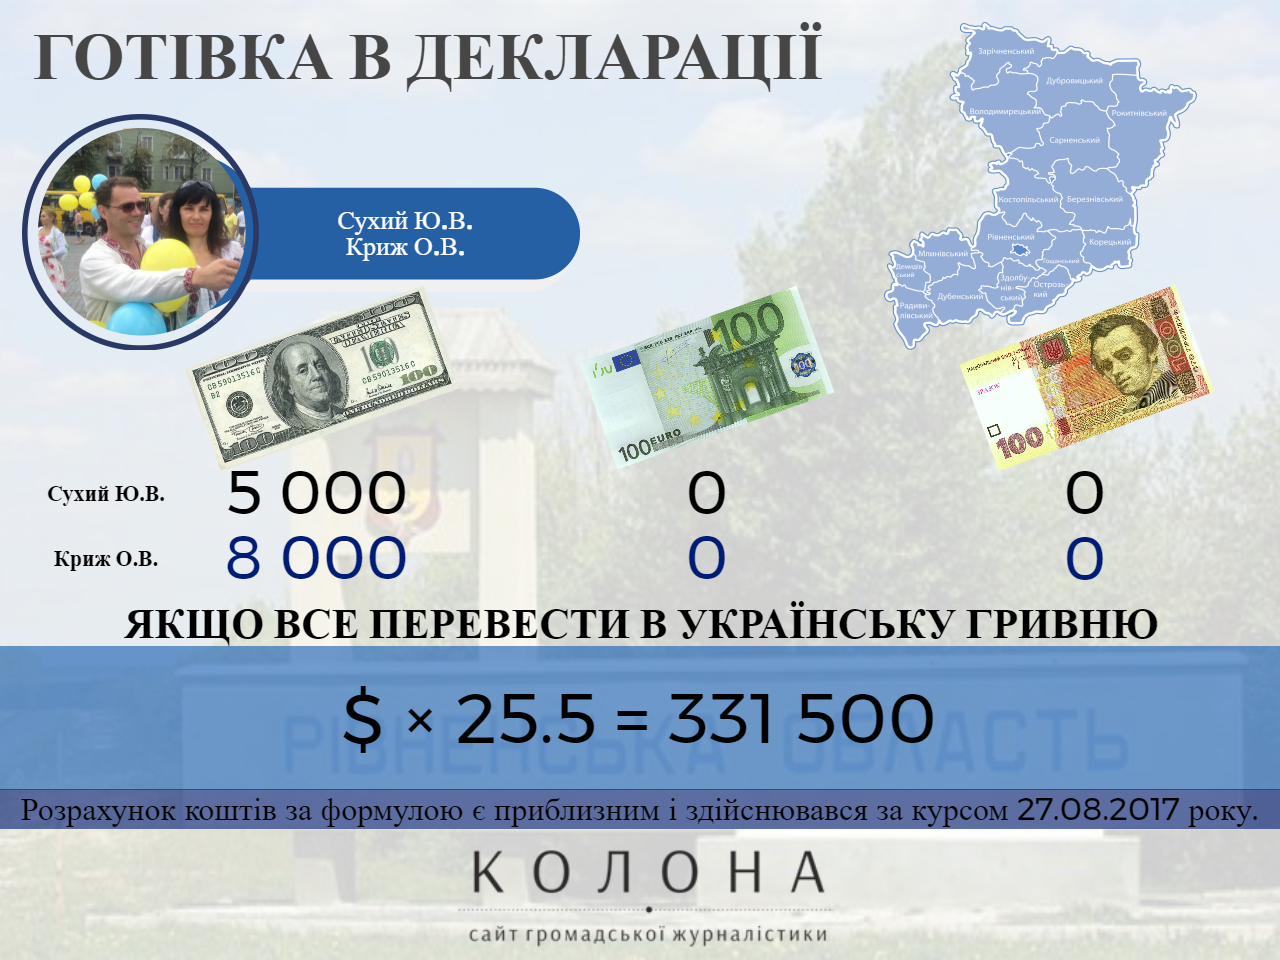 Сухий Юрій Володимирович, Криж Ольга Василівна